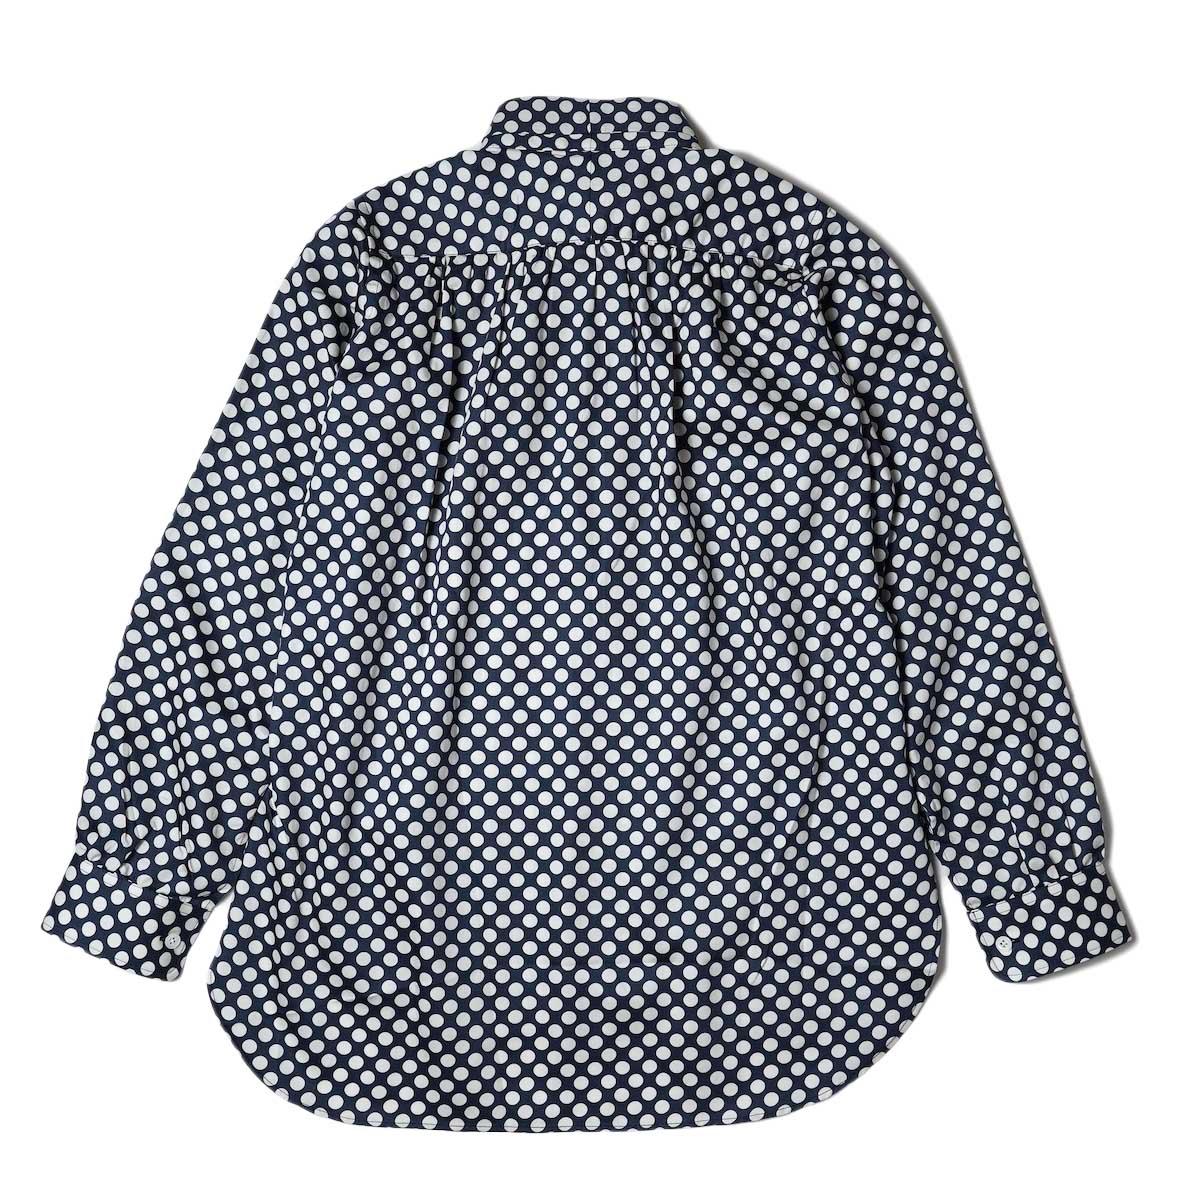 Needles / Ascot Collar EDW Shirt - Cotton Sateen / Pt (Polka Dot A) 背面